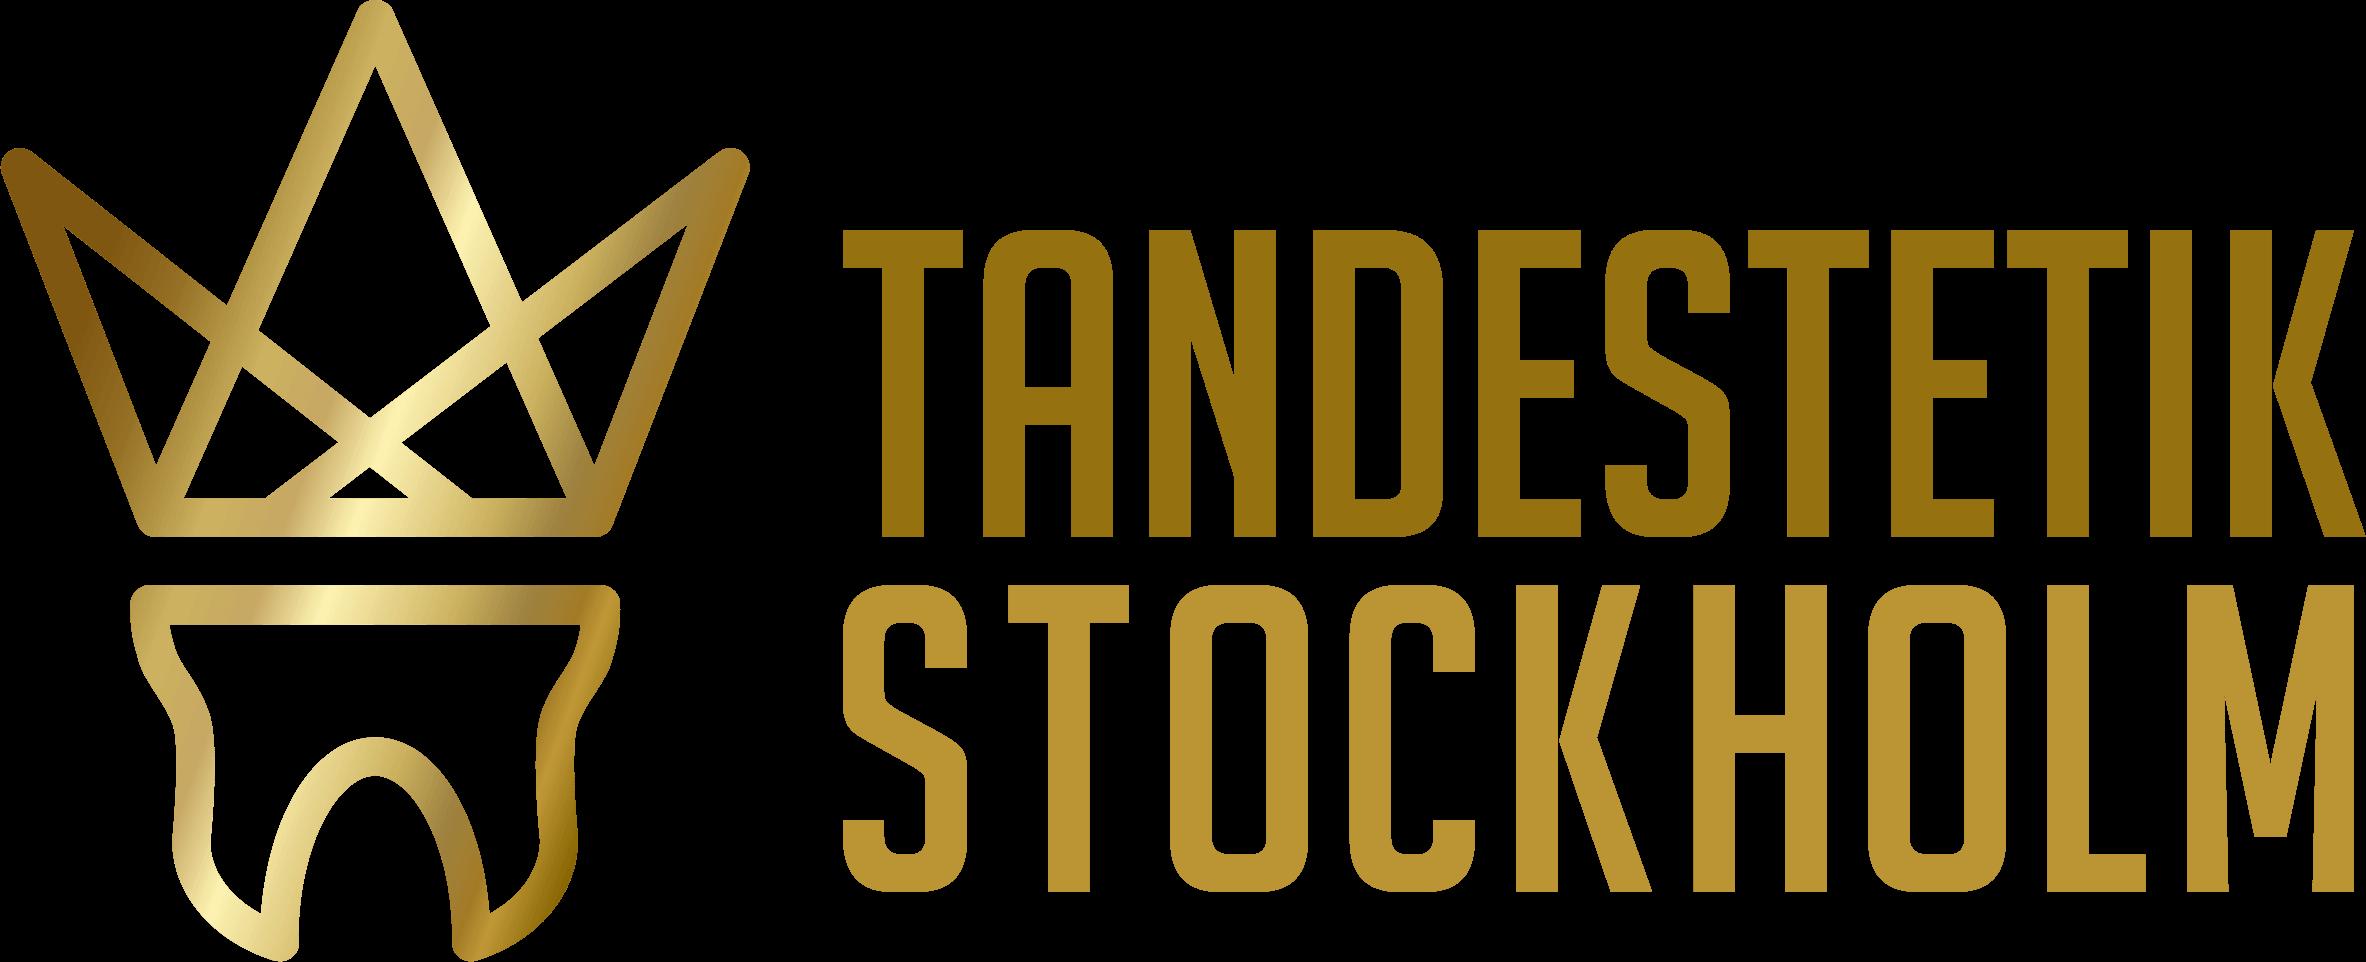 Tandestestik stockholm